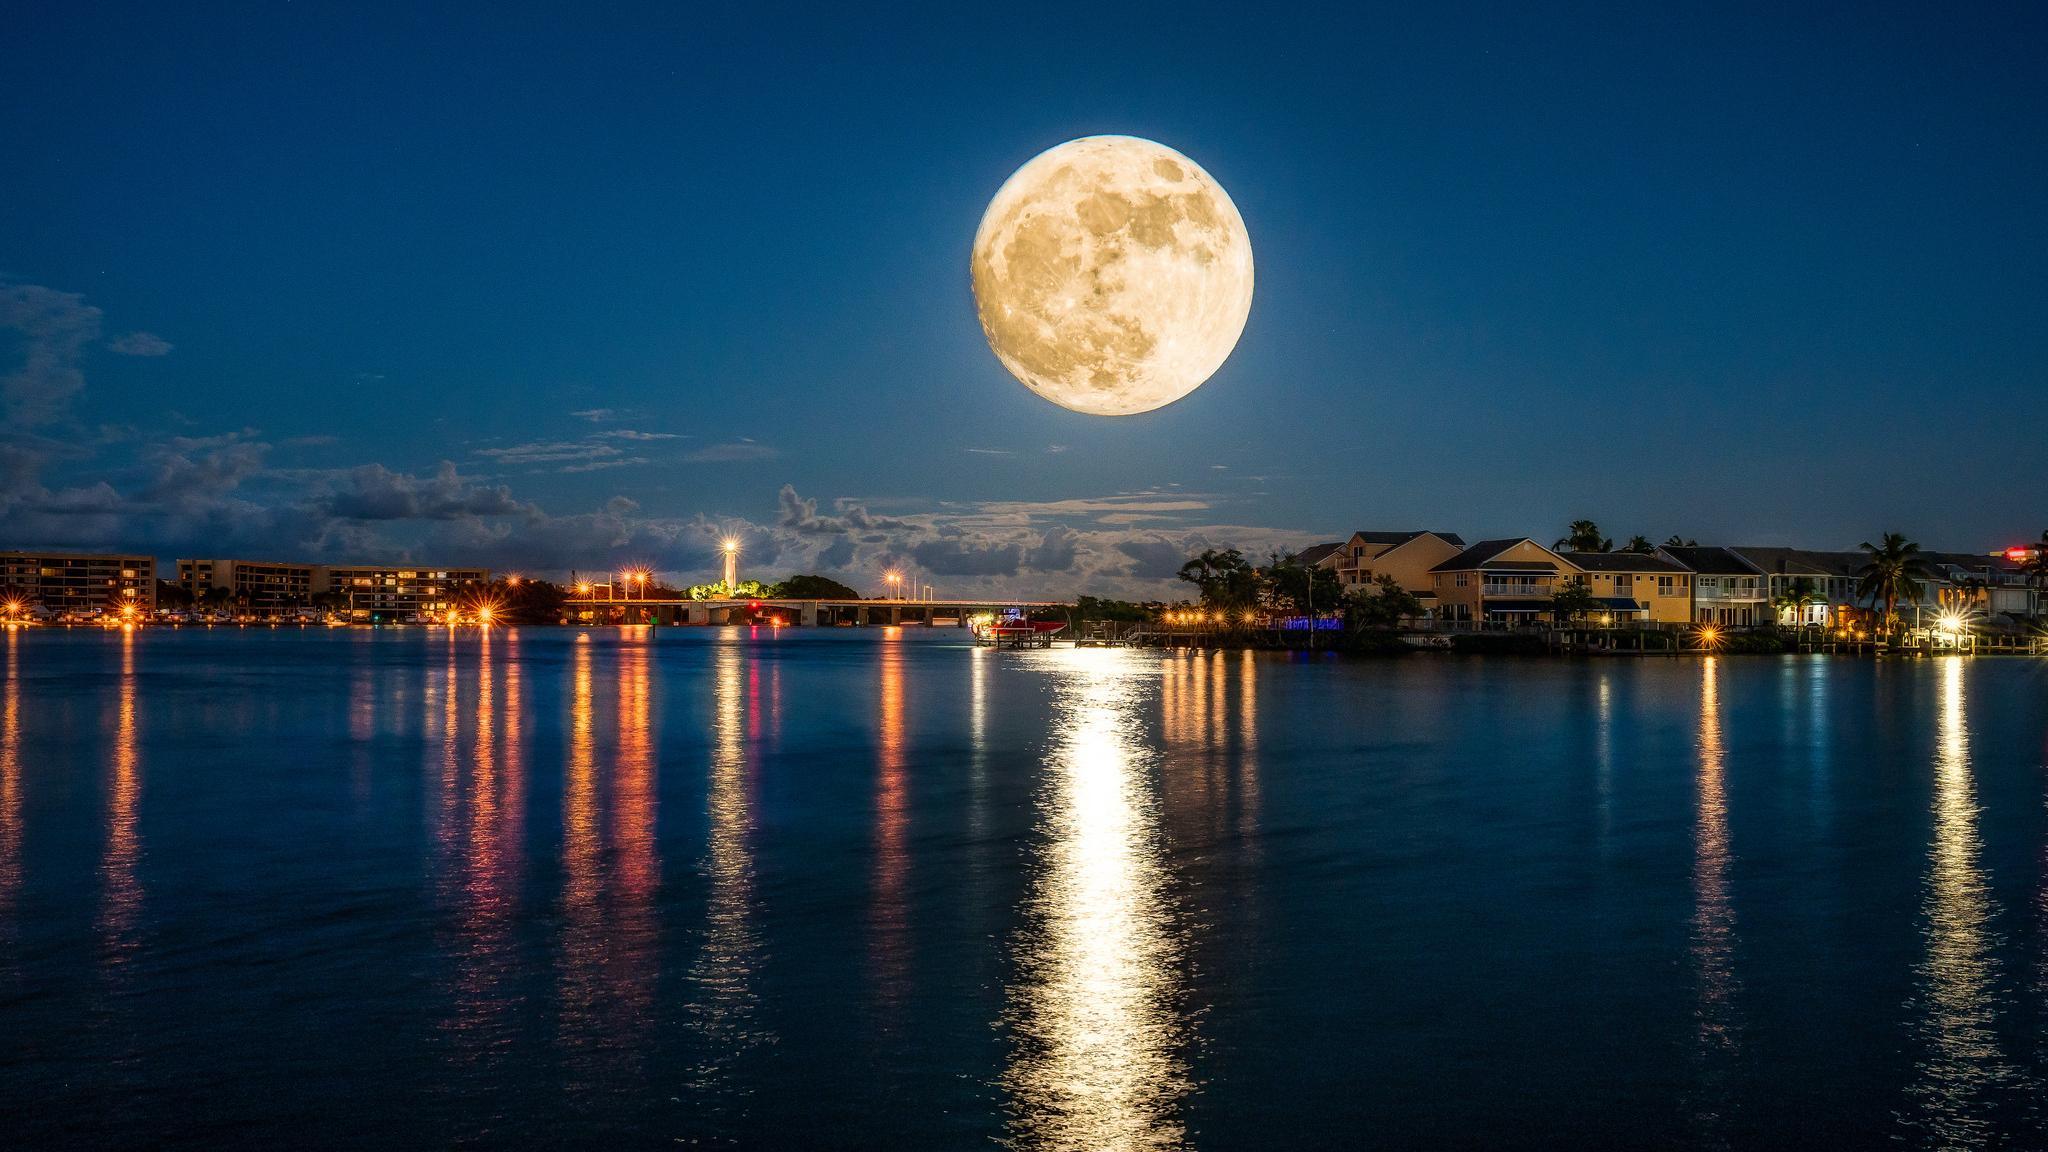 Ученые выявили влияние Луны на продолжительность сна у мужчин и женщин